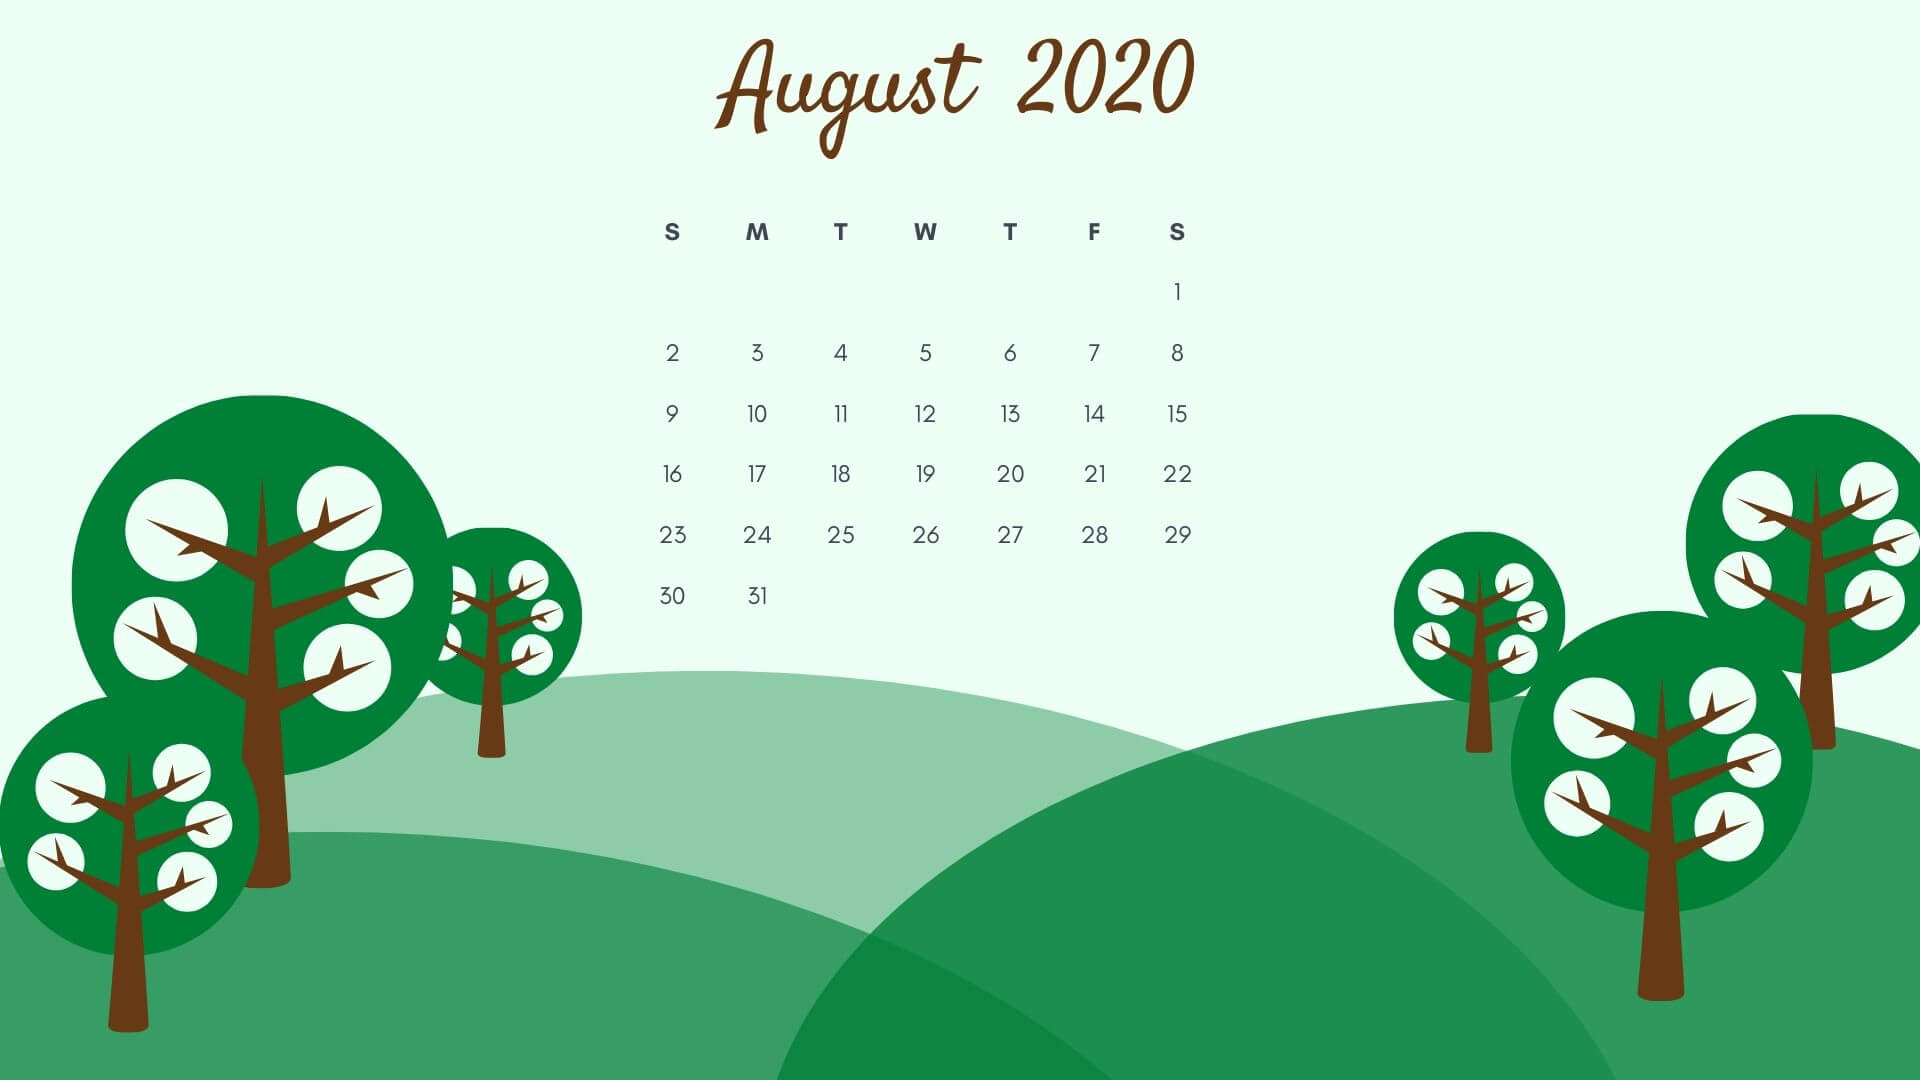 August 2020 Desktop Background Calendar HD Wallpaper